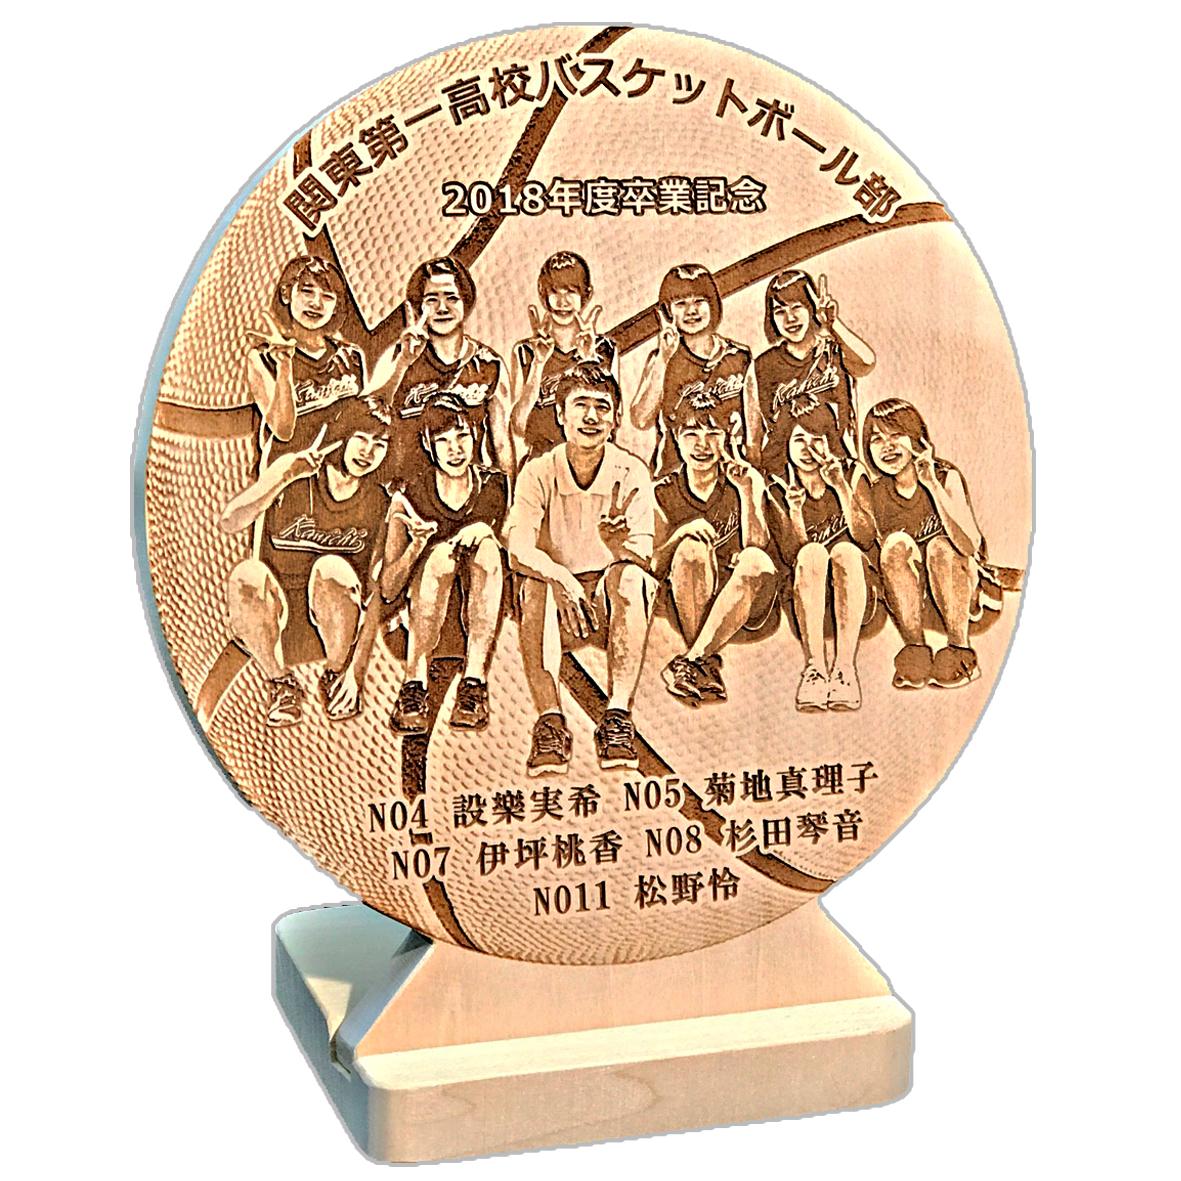 バスケットボール卒業記念品